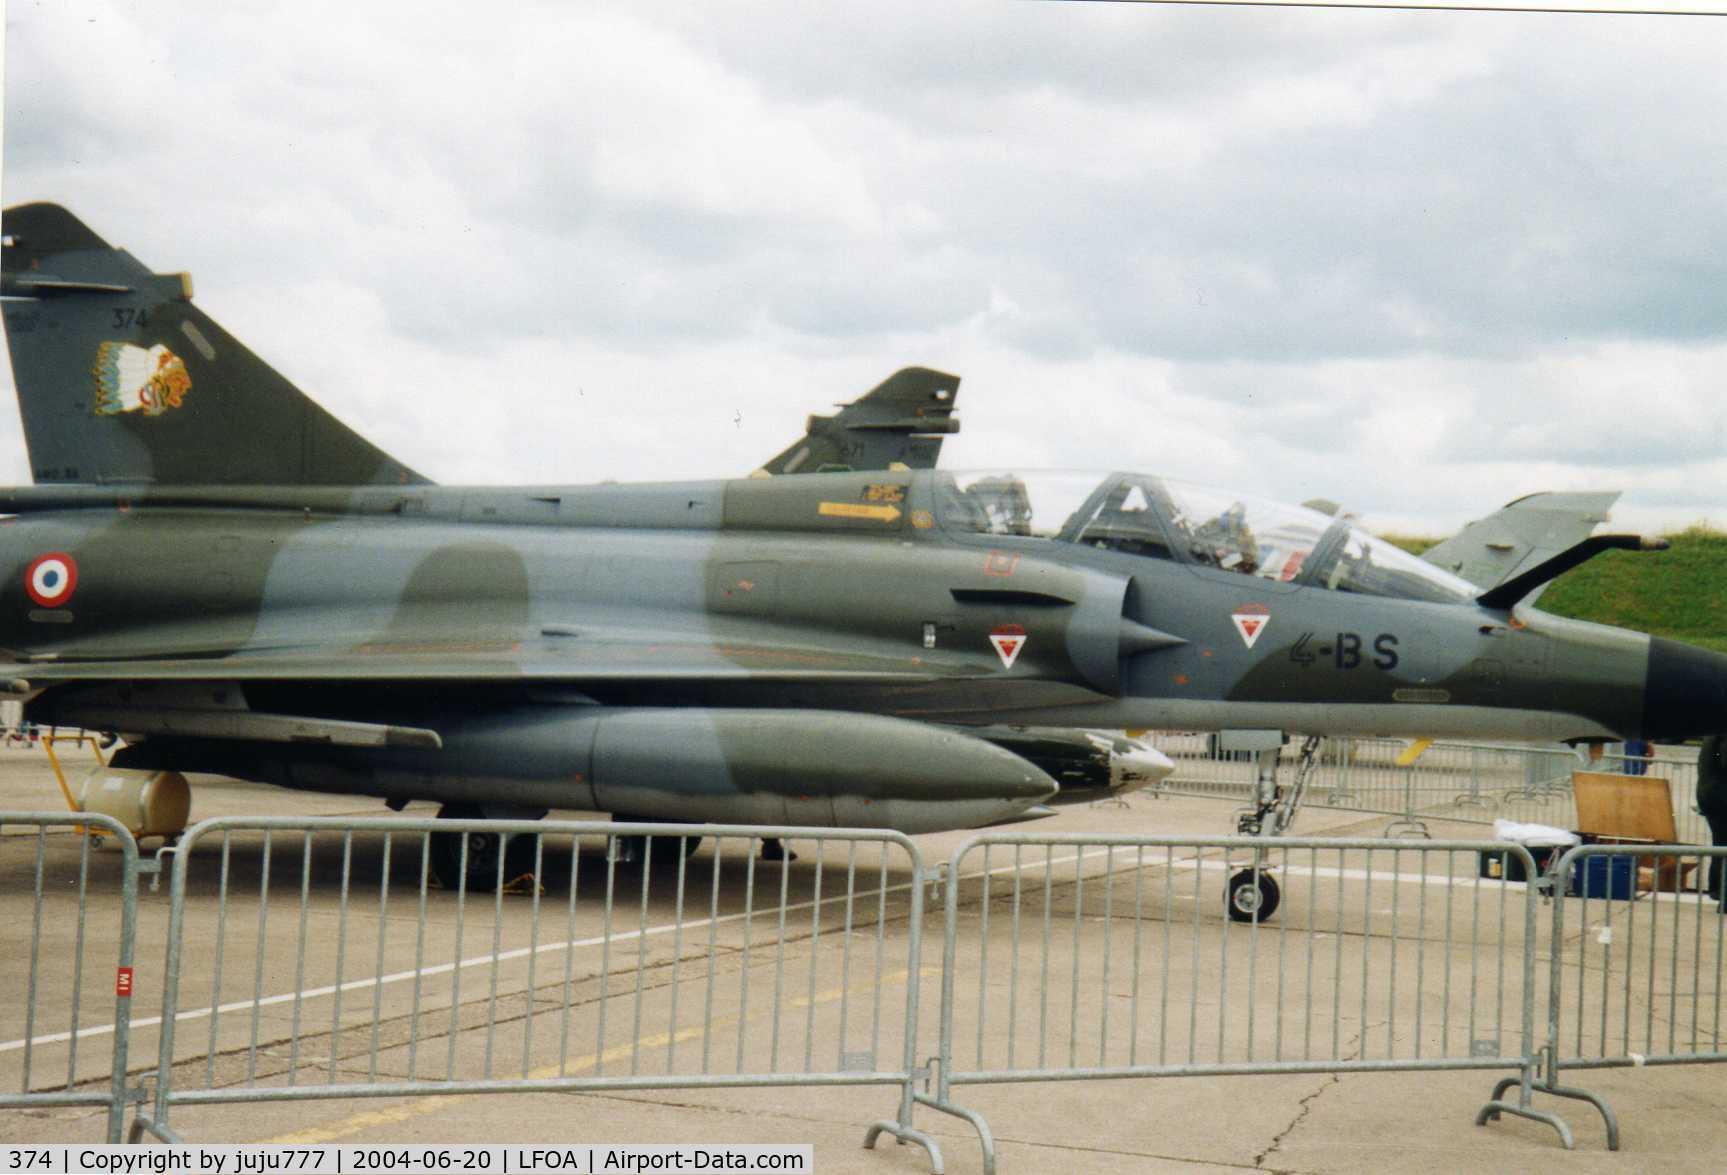 374, Dassault Mirage 2000N C/N 5502, on display at Avord